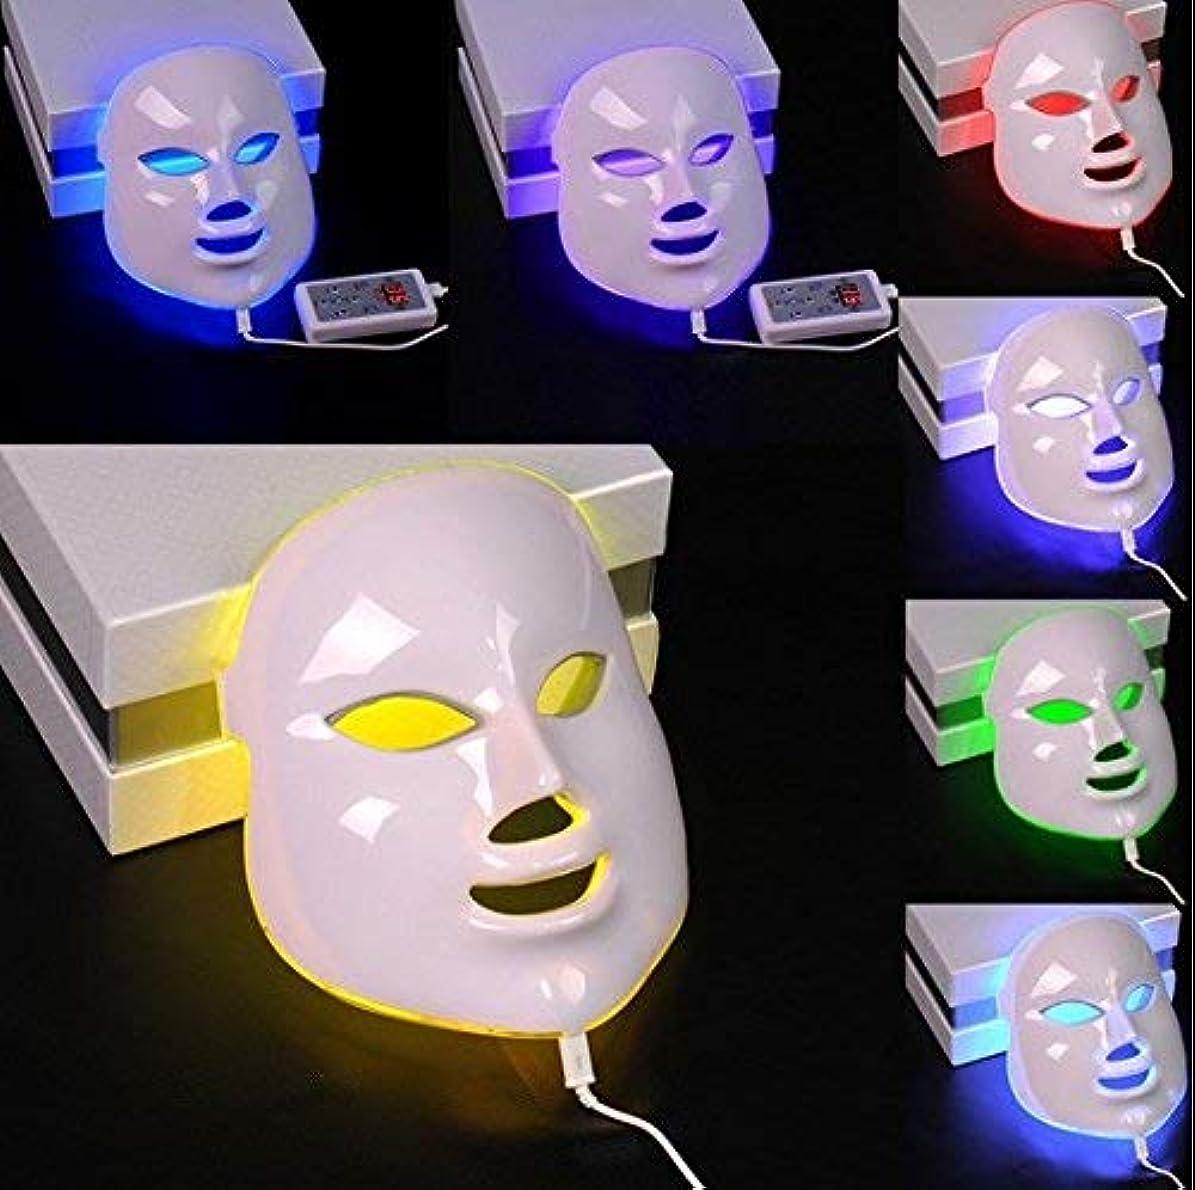 道ええまっすぐCSBY フェイシャルマスク光子は顔 マスクを率いて7色が顔 マスク 美し主導フェイスマスク美容マシンを主導しました